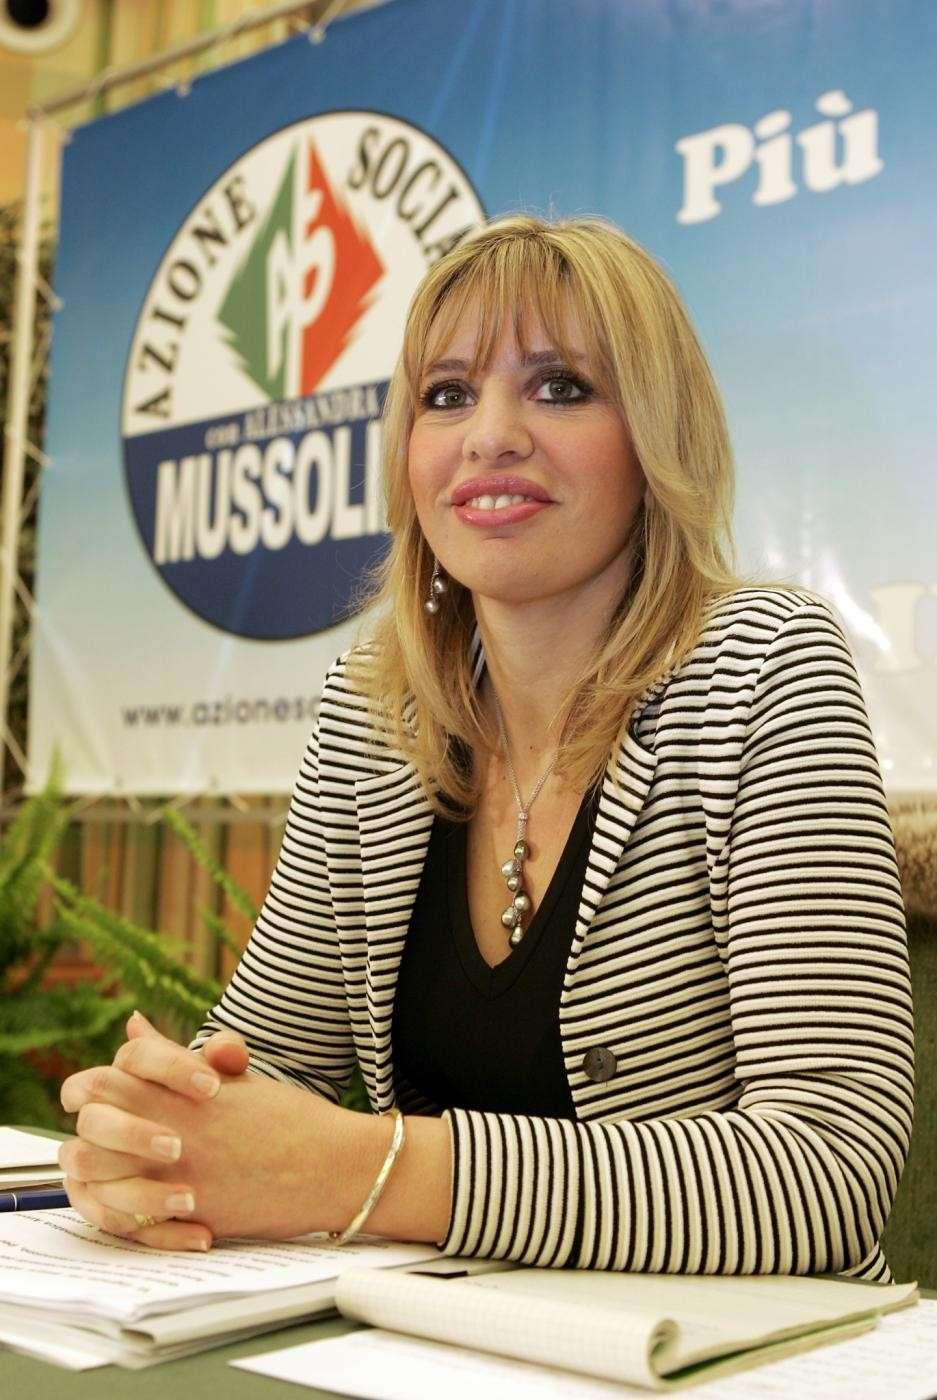 Alessandra Mussolini per Azione Sociale